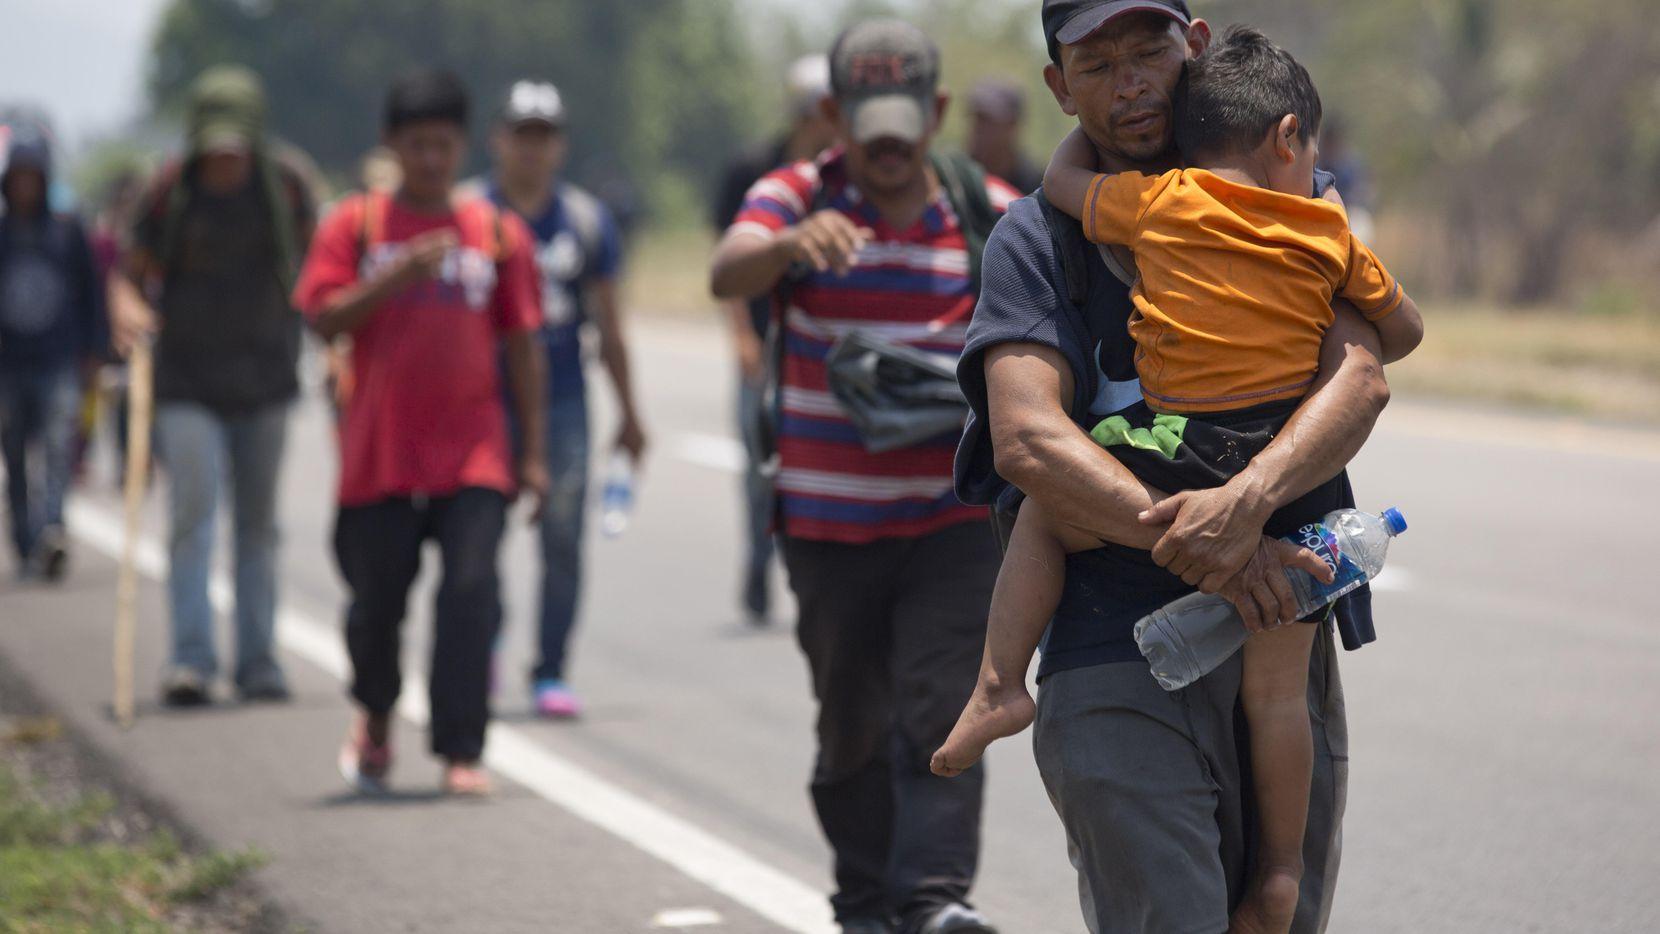 Un migrante de Centroamérica carga a un niño en brazos en una carretera cerca de Tonalá, Chiapas el 21 de abril. (AP/Moises Castillo)